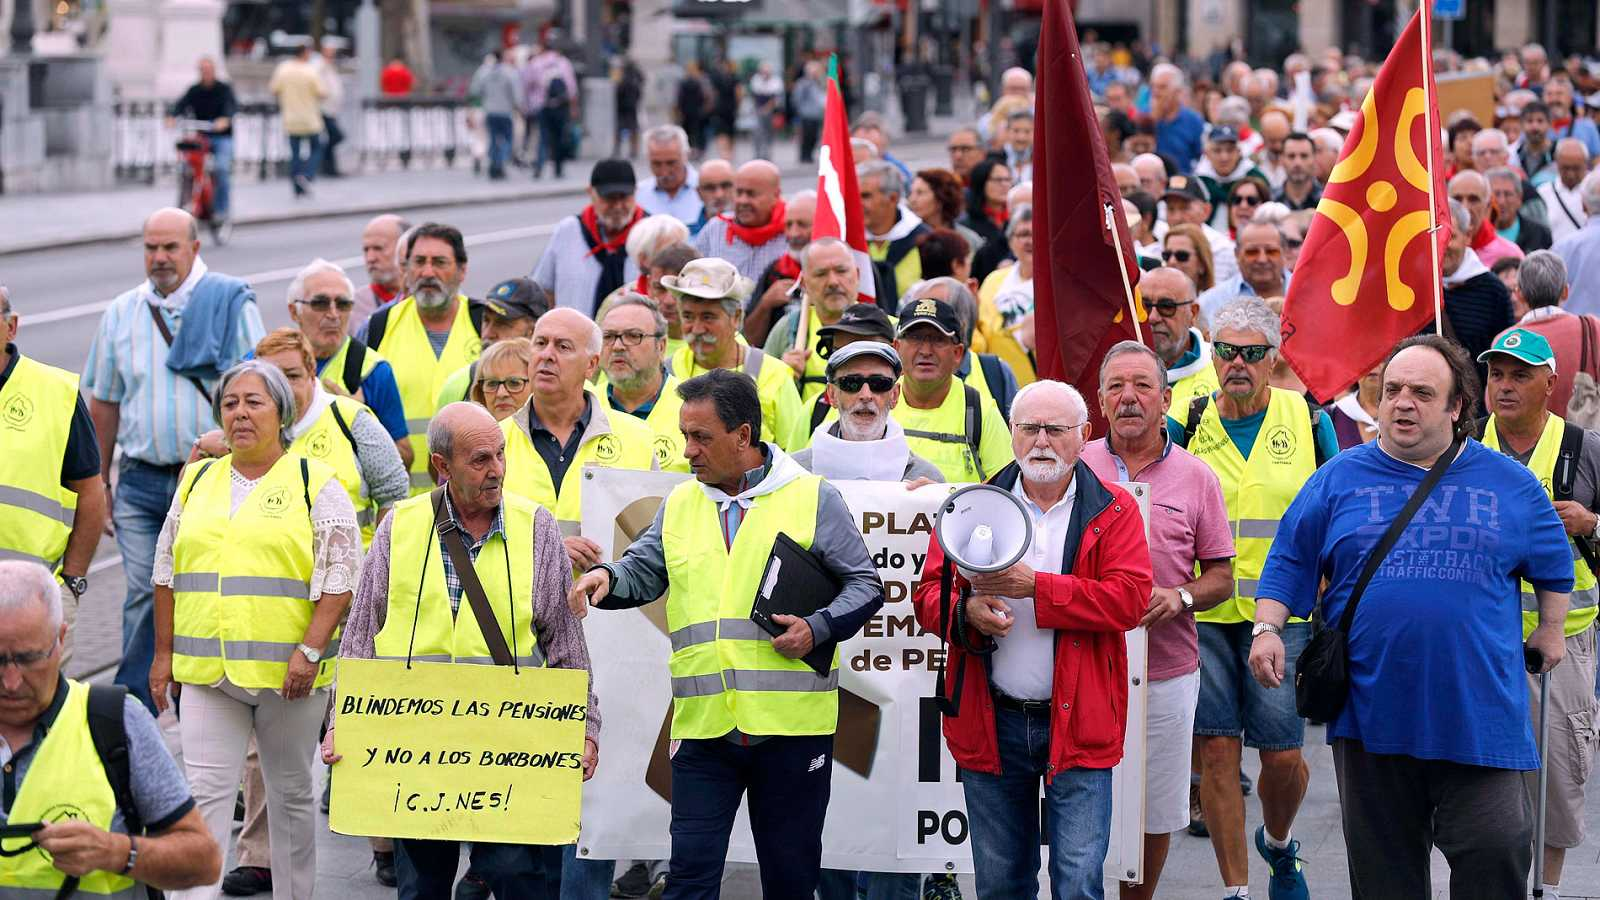 Jubilados marchan hacia Madrid para reclamar la subida de las pensiones